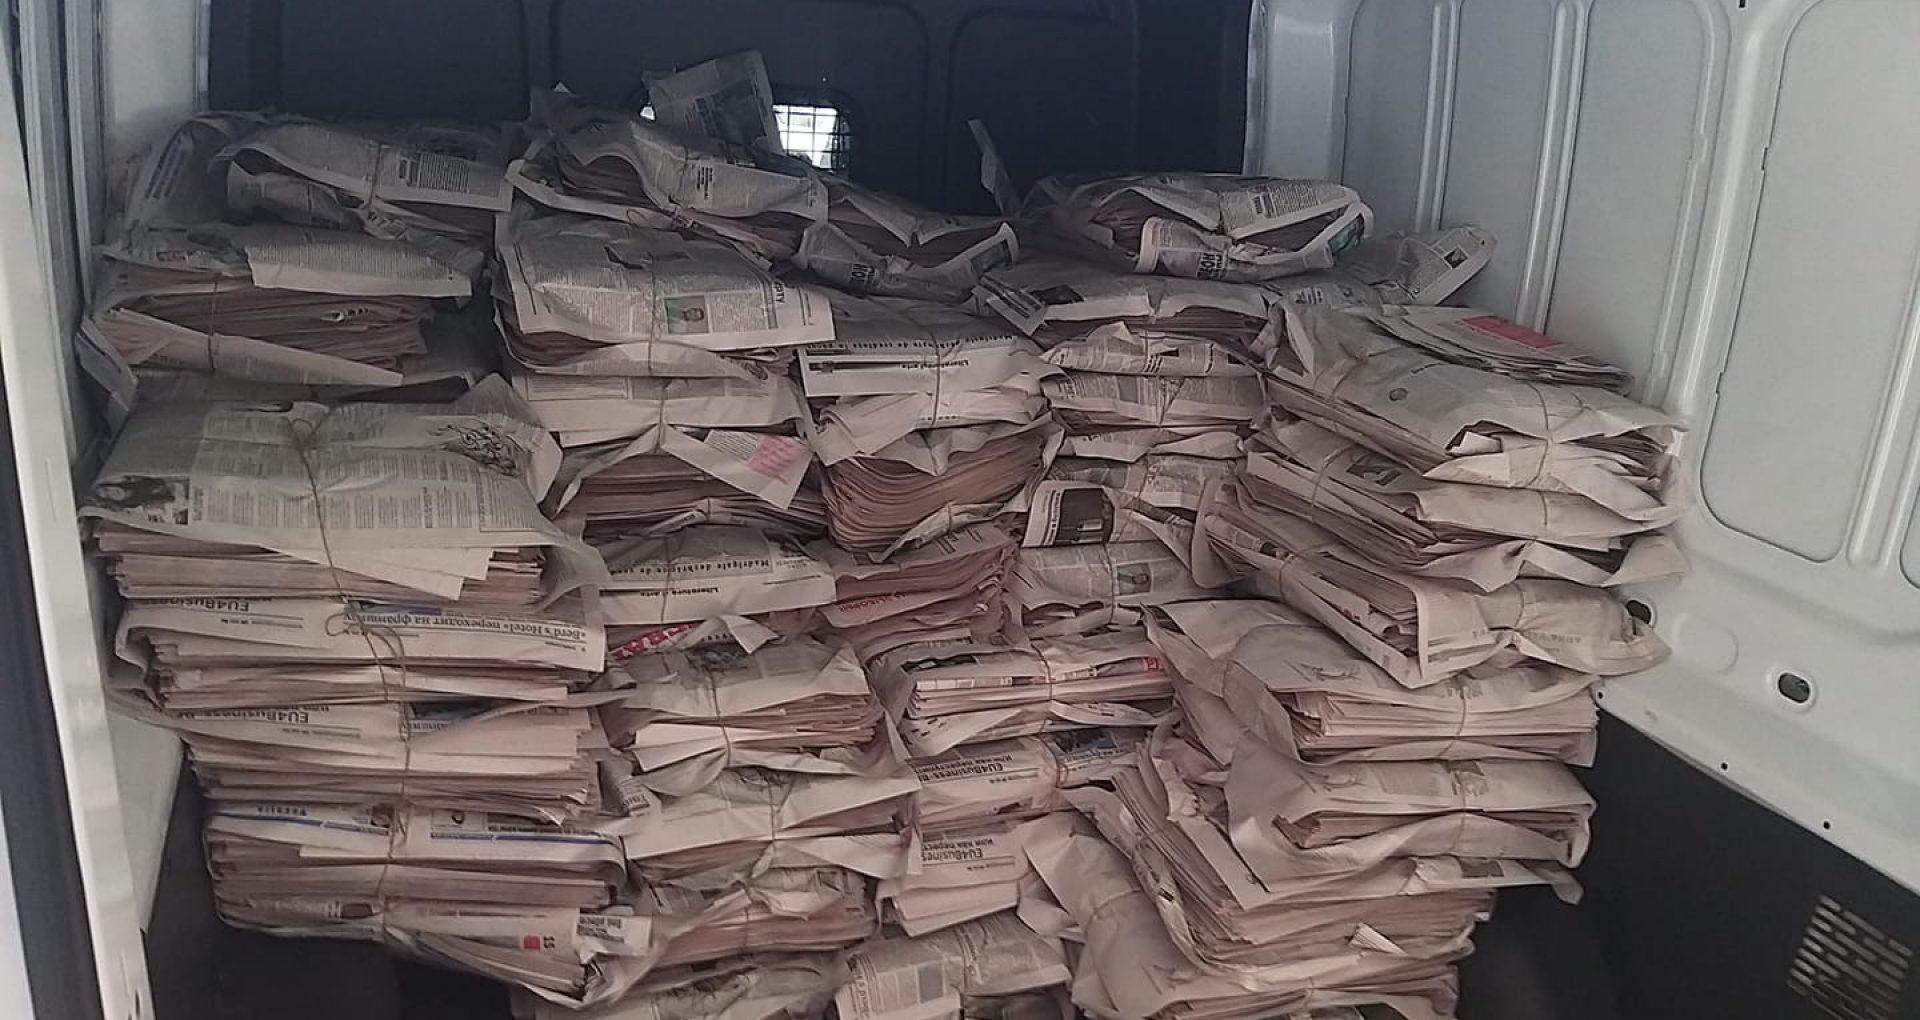 Ședința Curții de Apel în care urma să fie examinată sesizarea PAS în legătură cu microbuzele pline cu ziarele lui Dodon, amânată